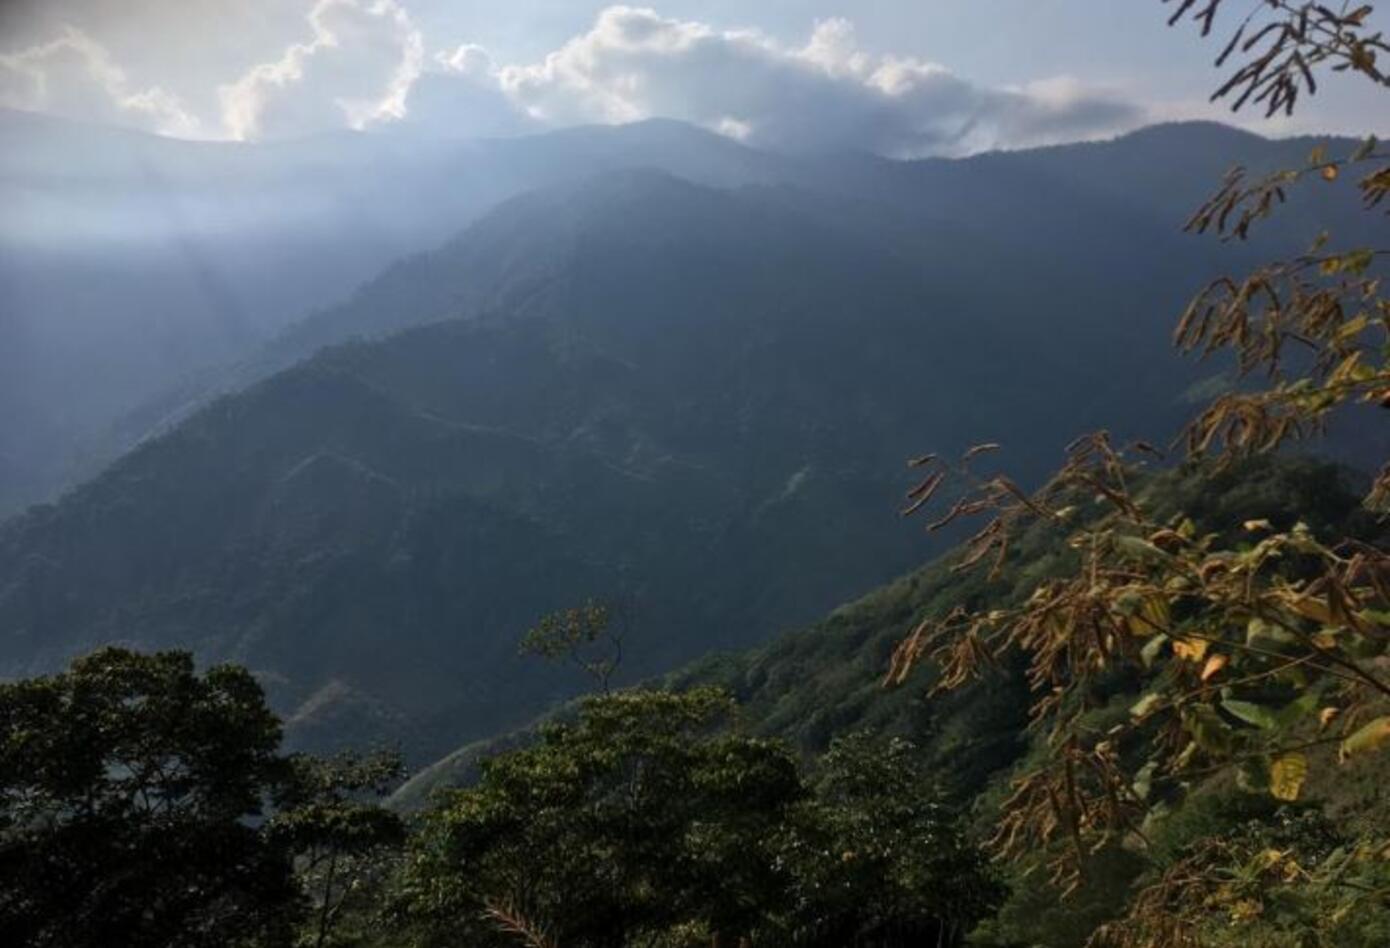 Sierra Nevada de Santa Marta, entre el deshielo y la extinción de los pueblos indígenas